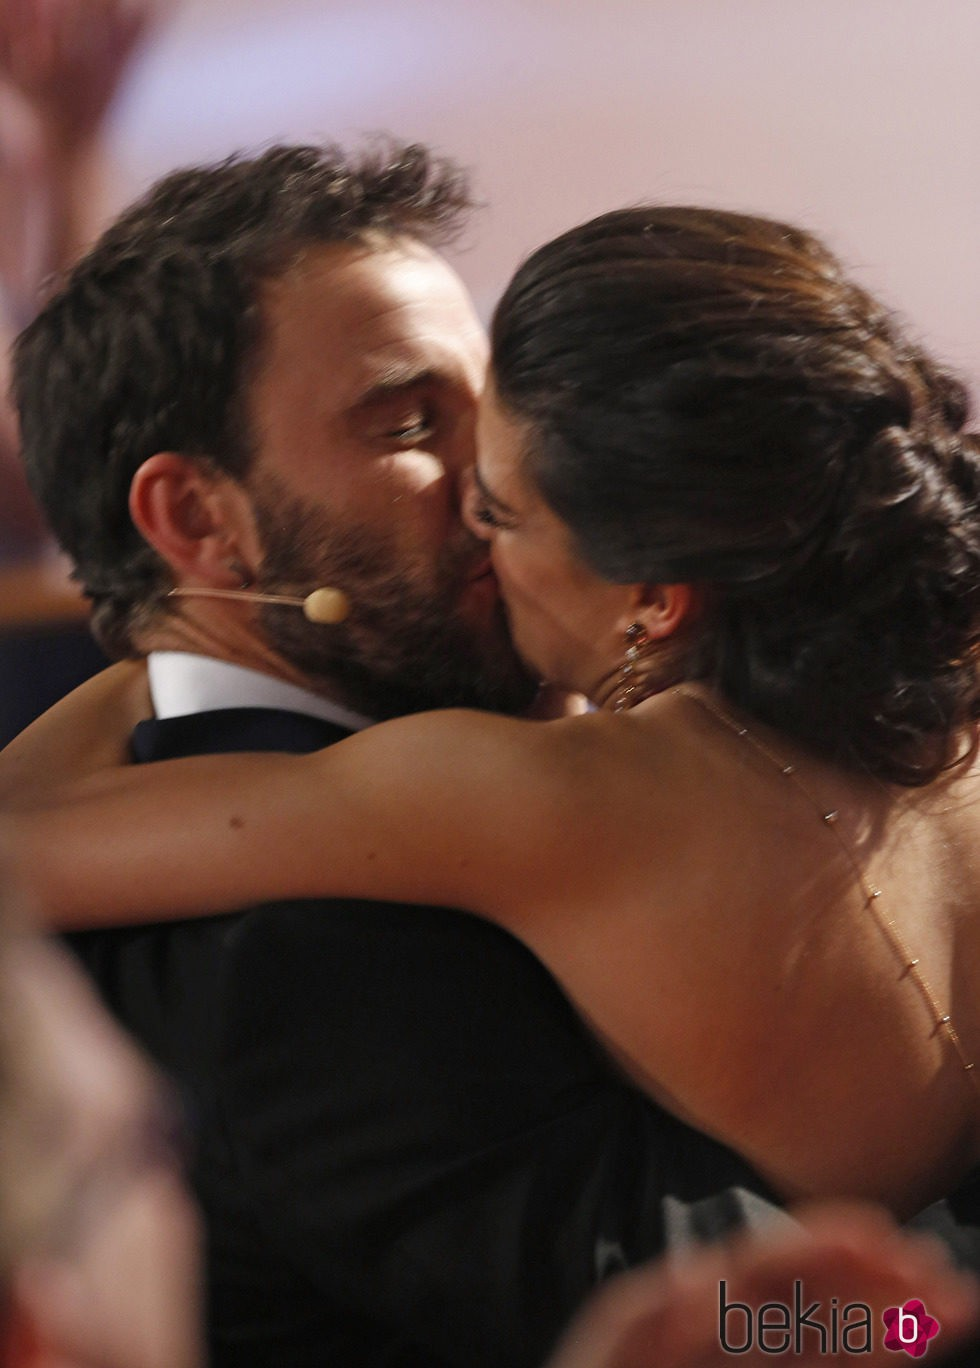 El beso de Clara Lago y Dani Rovira en los Goya 2015